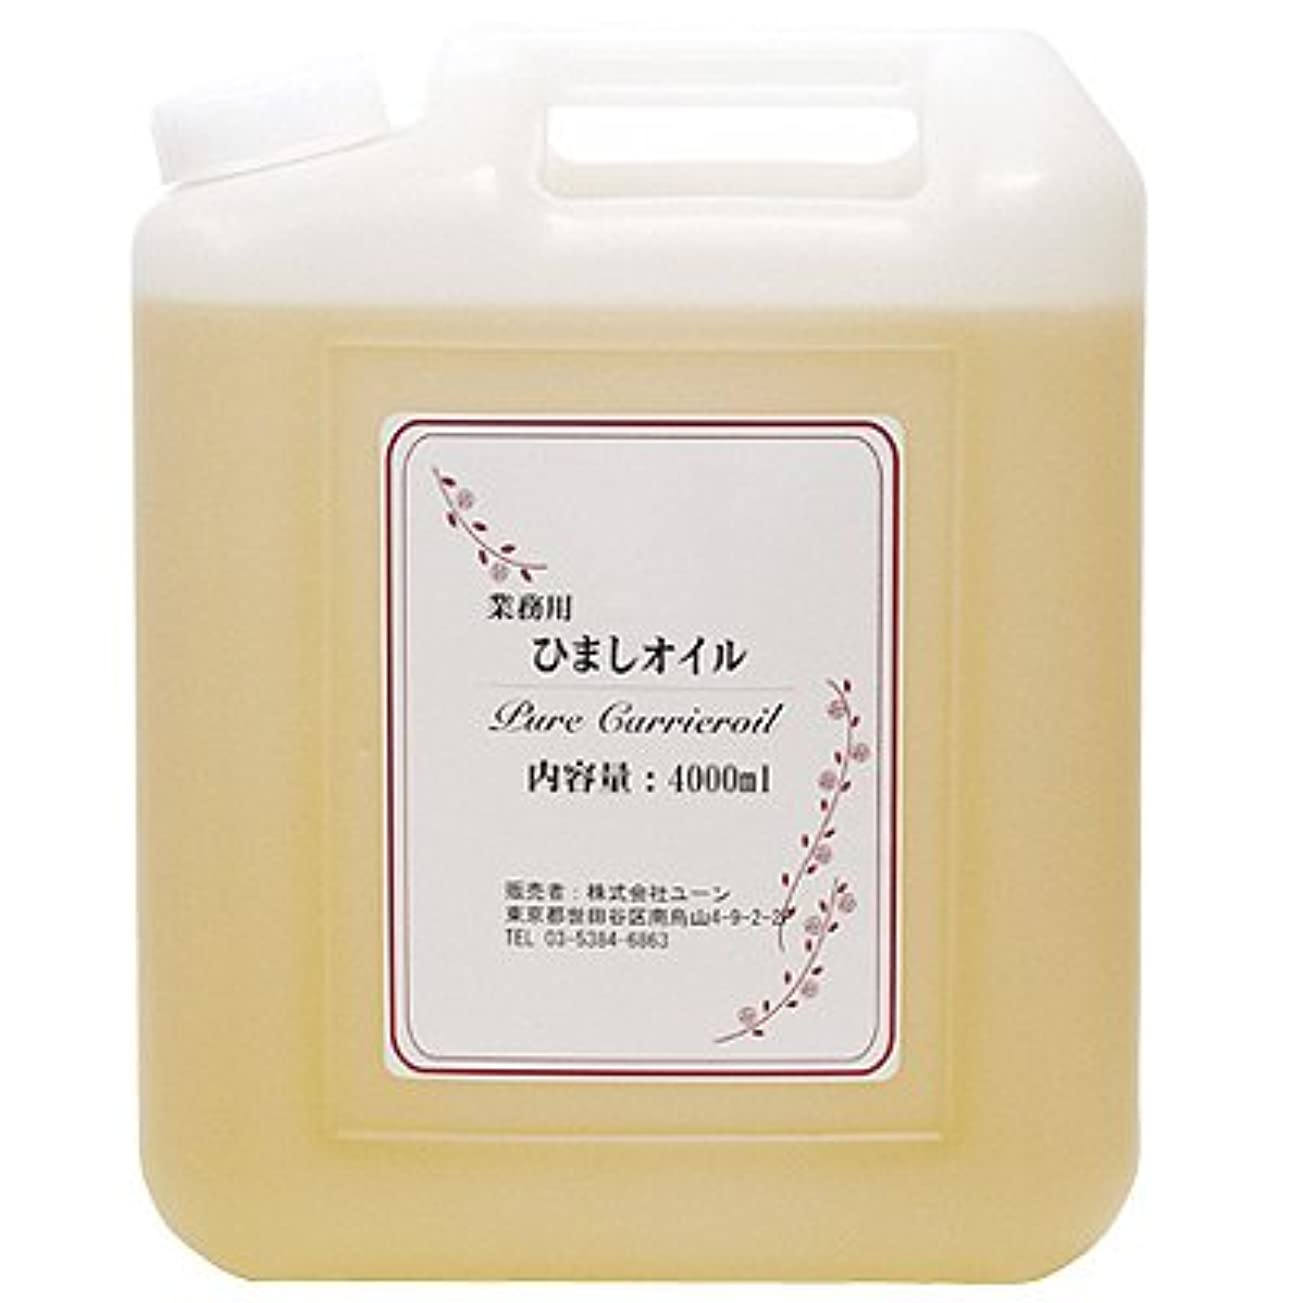 田舎者不調和透過性ひまし油 4000ml(ヒマシ油ヒマシオイル業務用):マッサージオイル